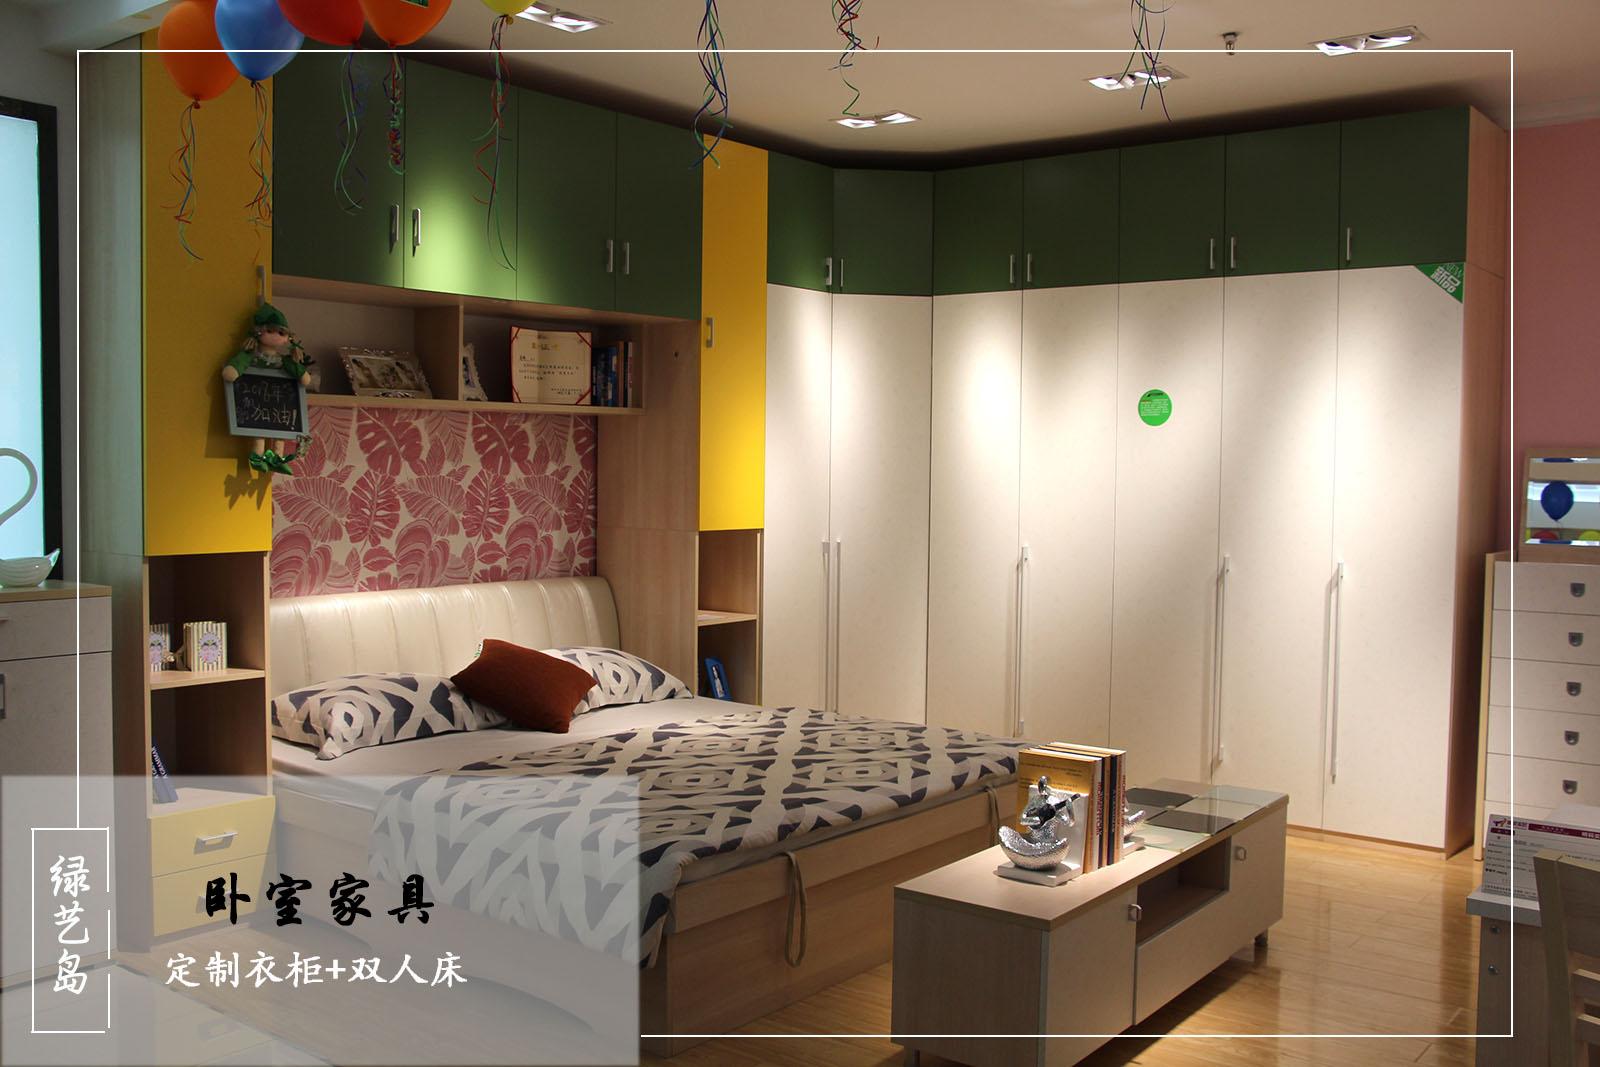 定制衣柜与雅致双人床温暖清新装点卧室